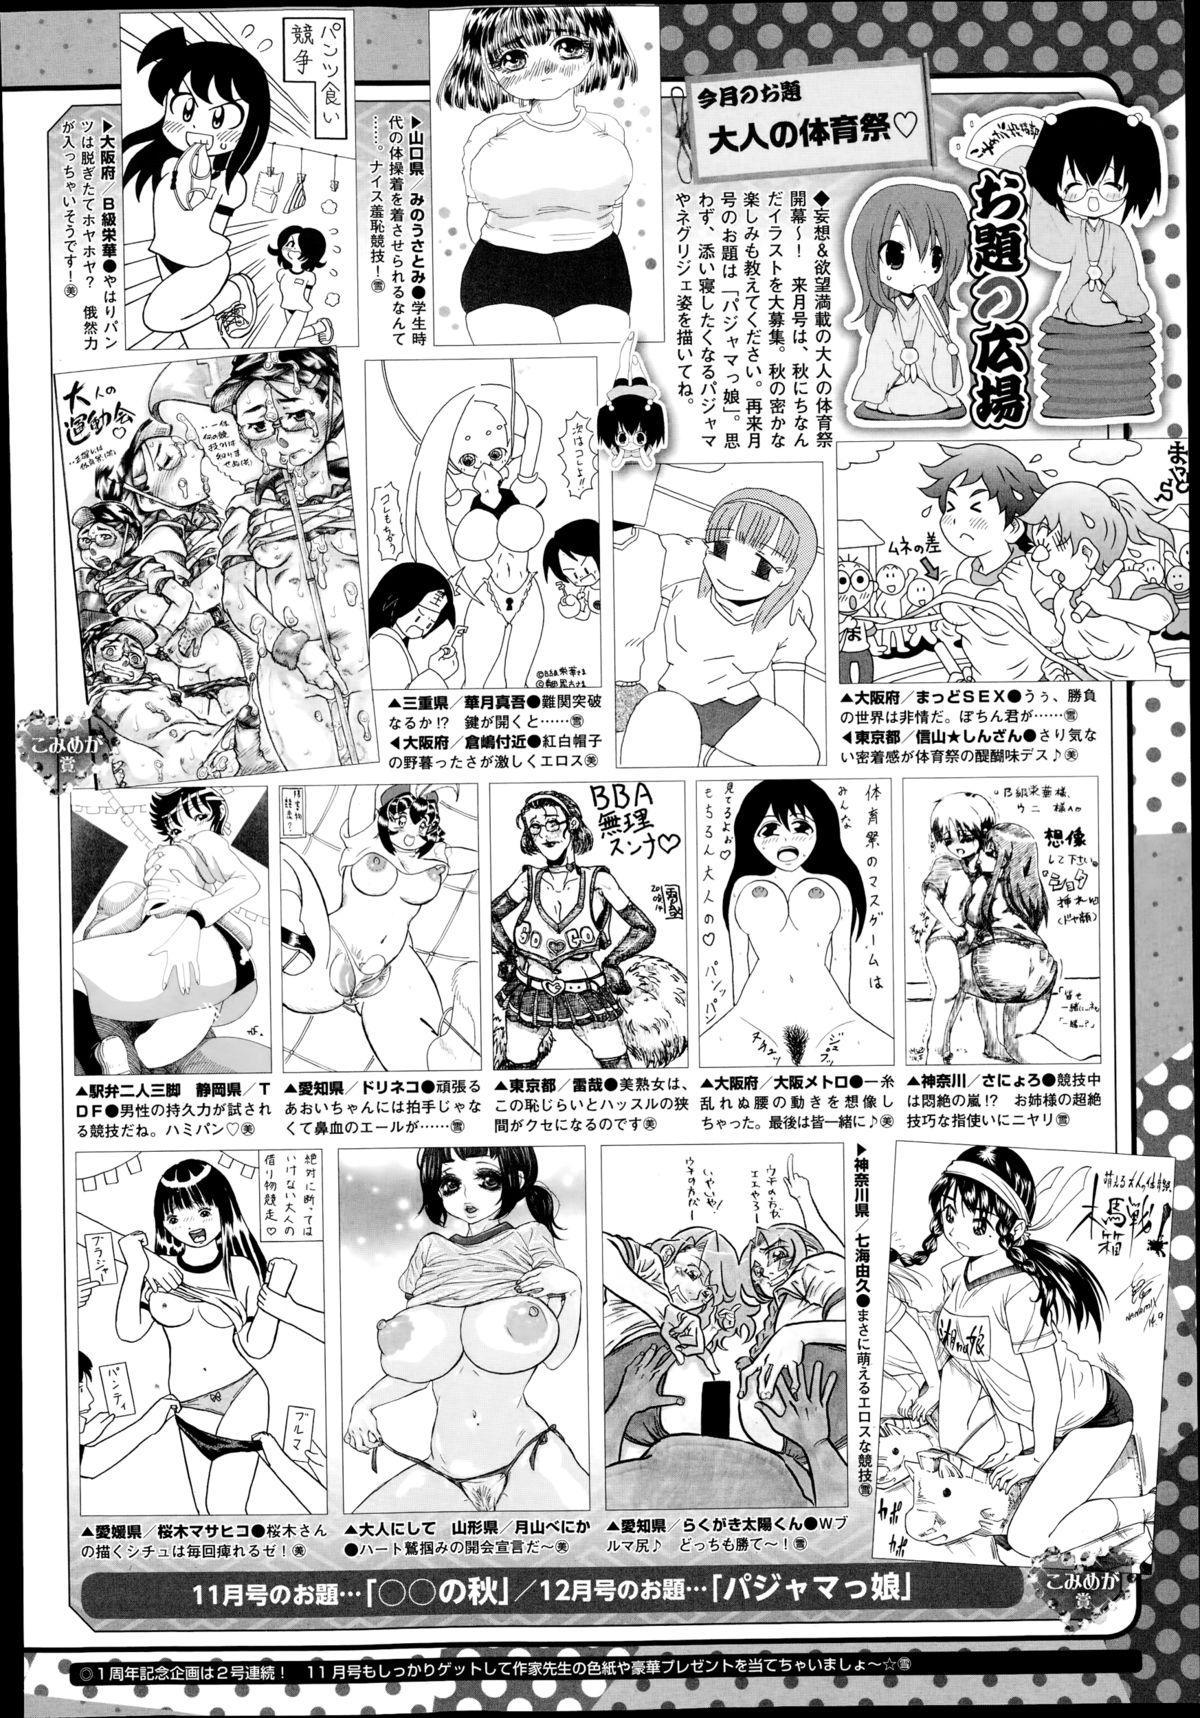 COMIC Megastore Alpha 2014-10 499